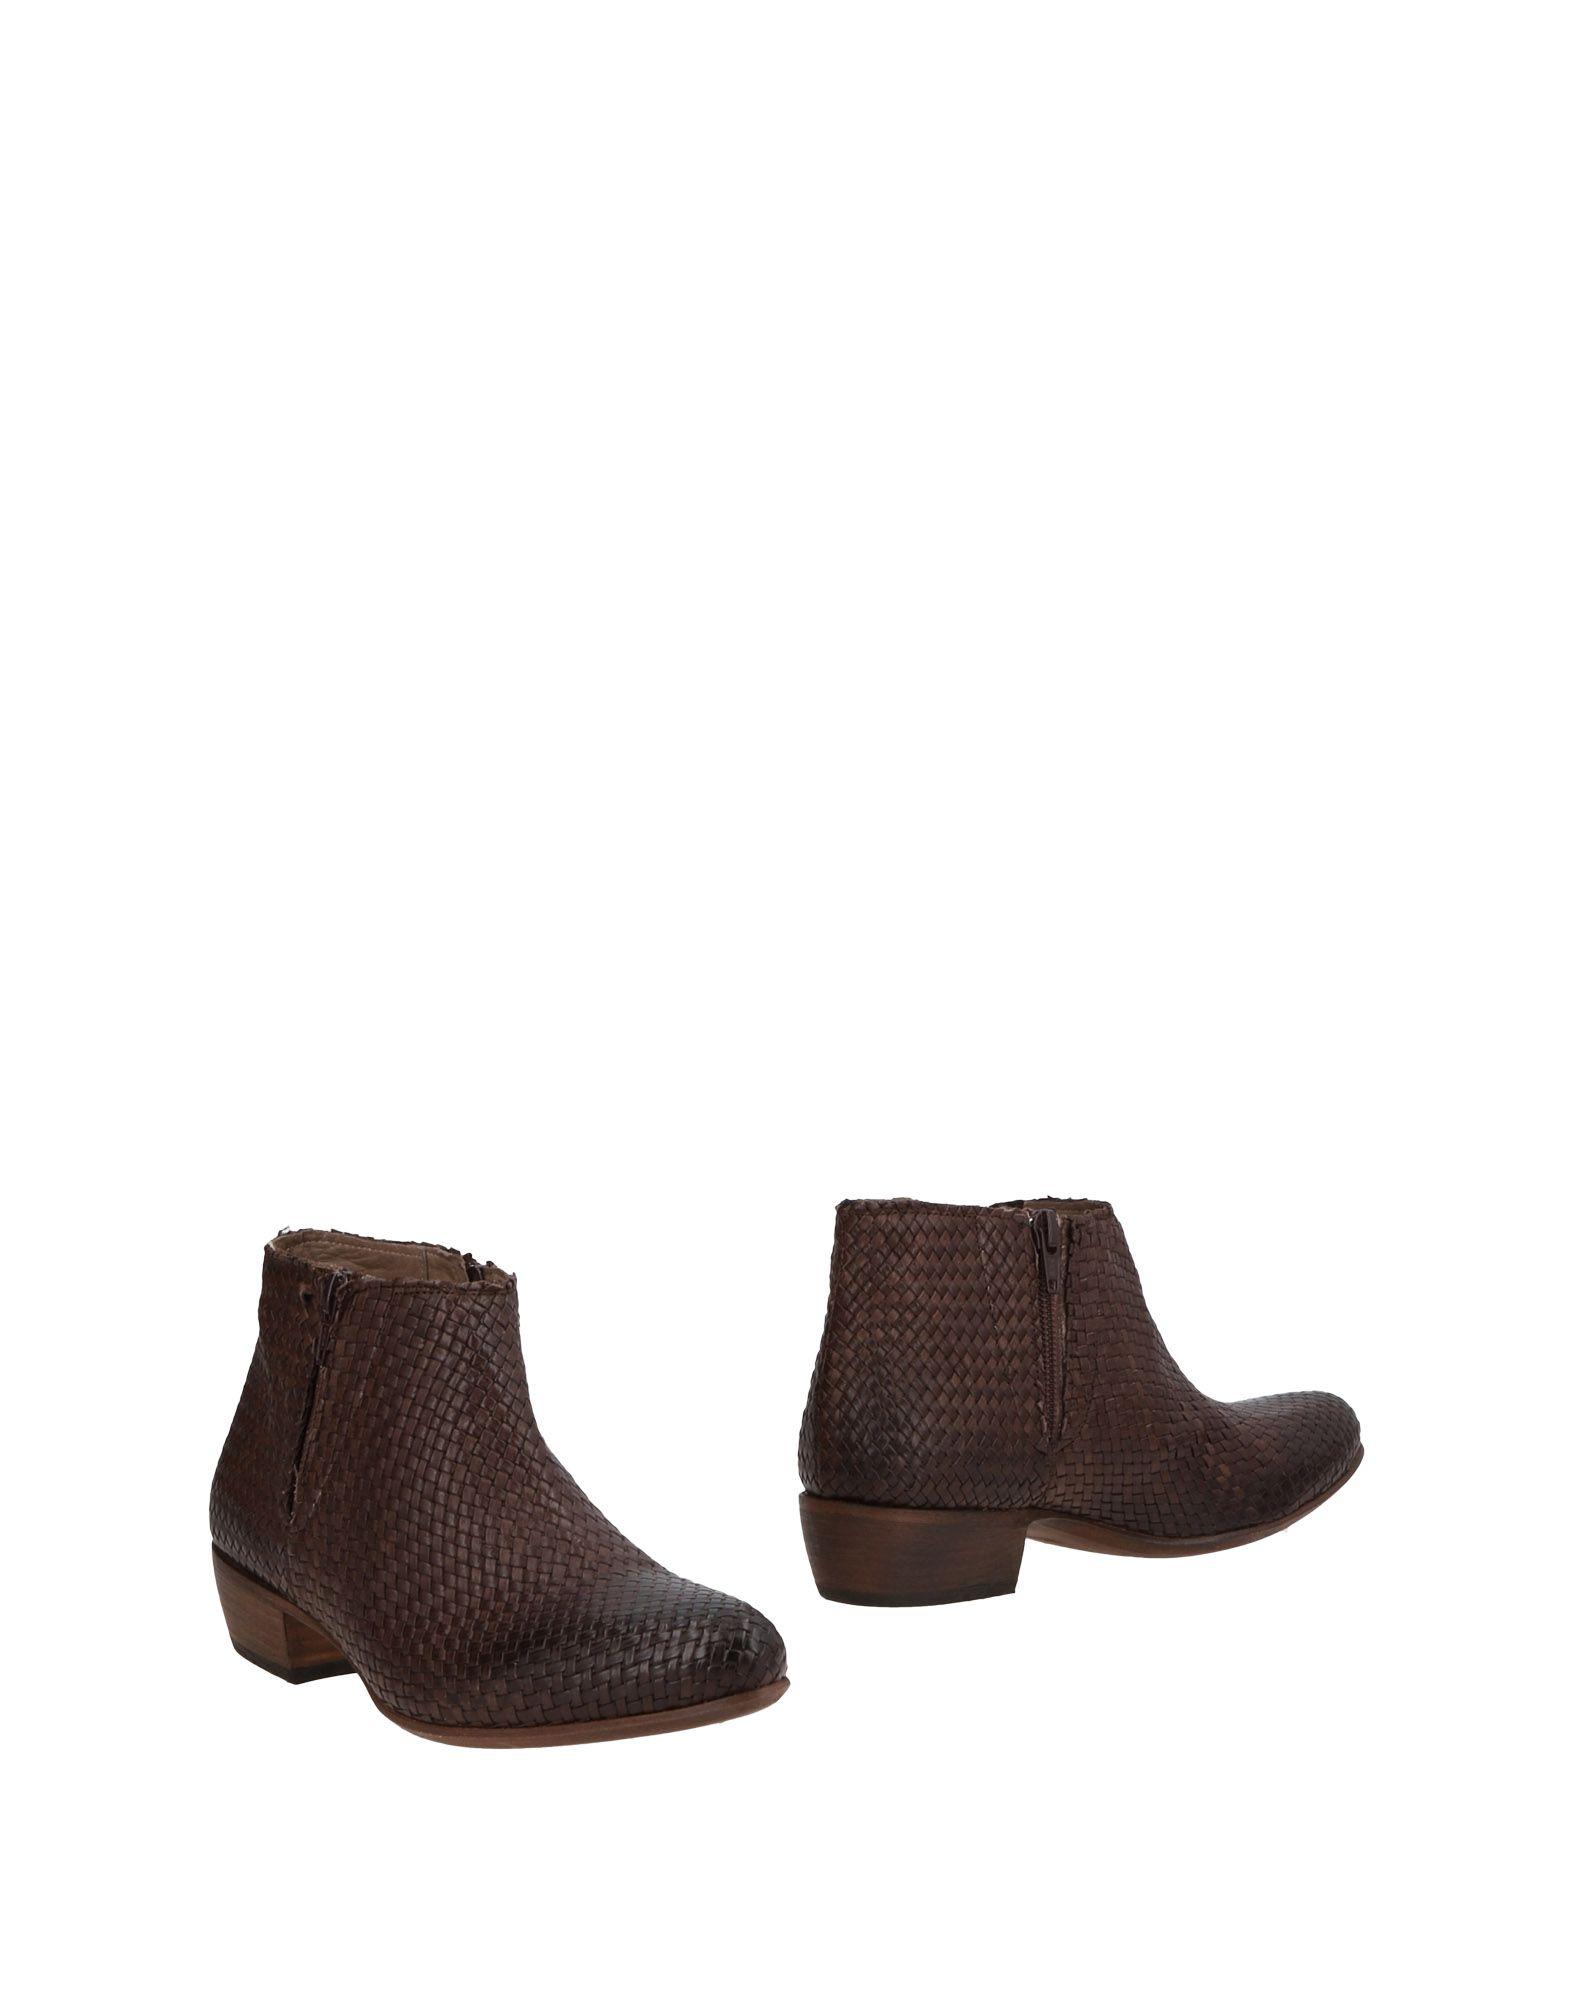 Lena Milos Stiefelette Damen  11482067BFGut aussehende strapazierfähige Schuhe